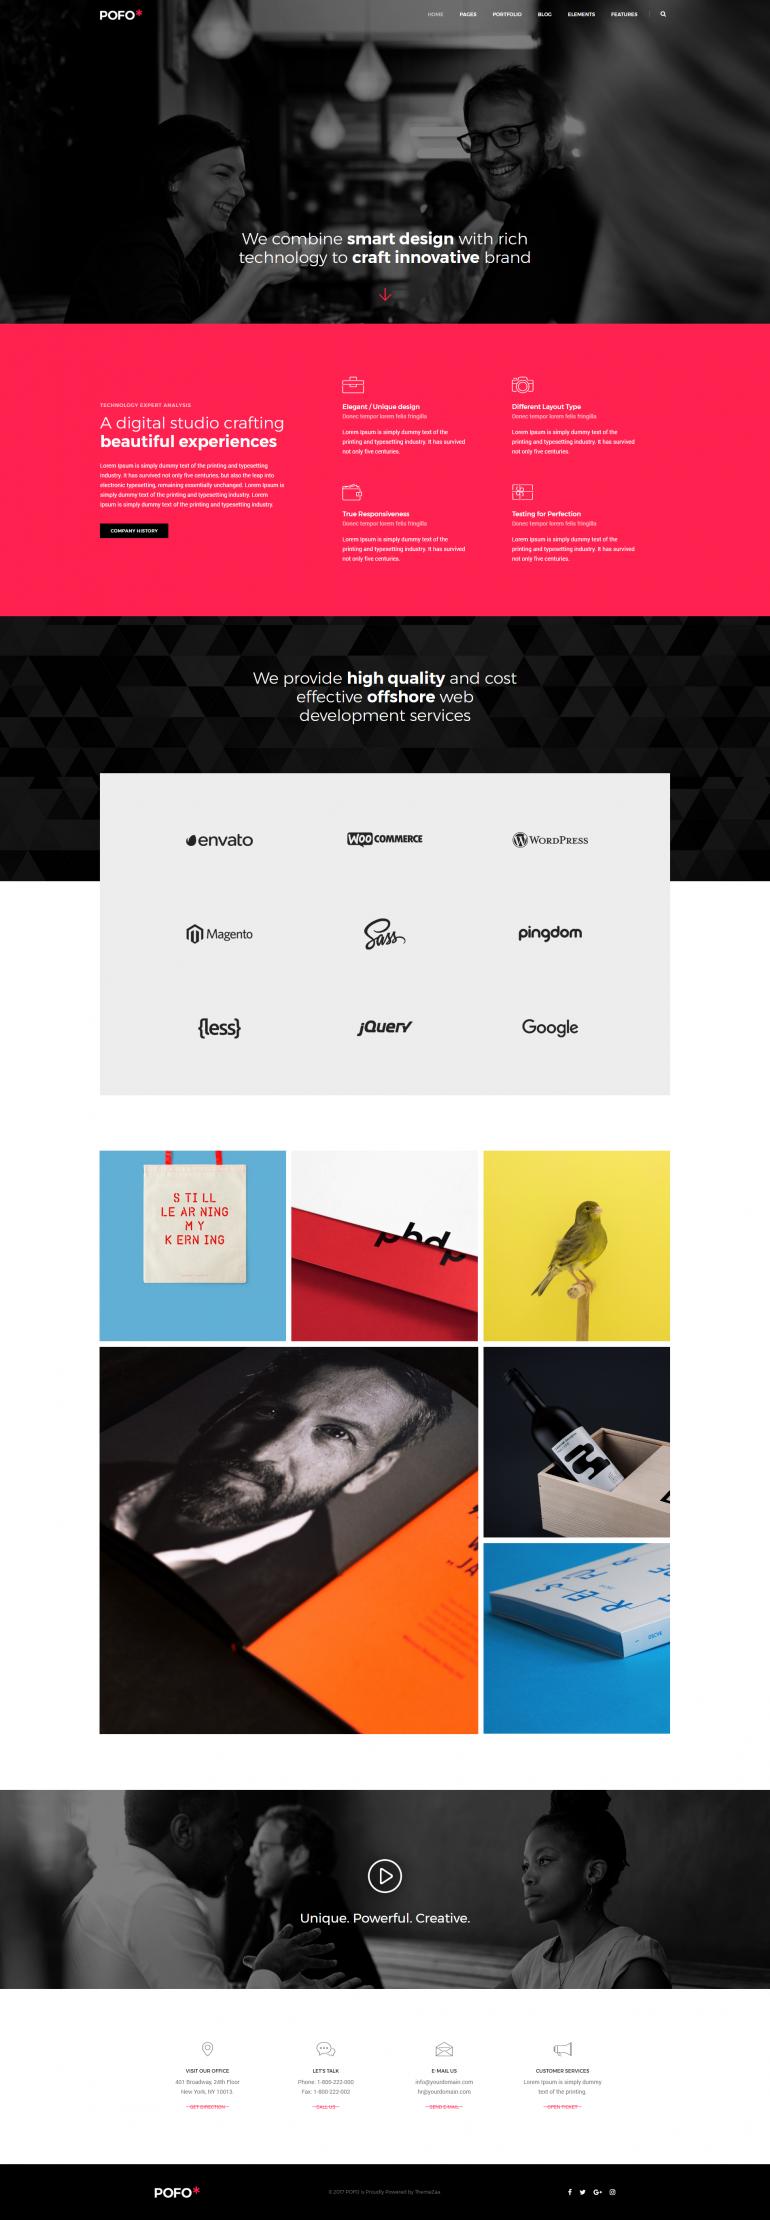 Pofo – Creative Small Business